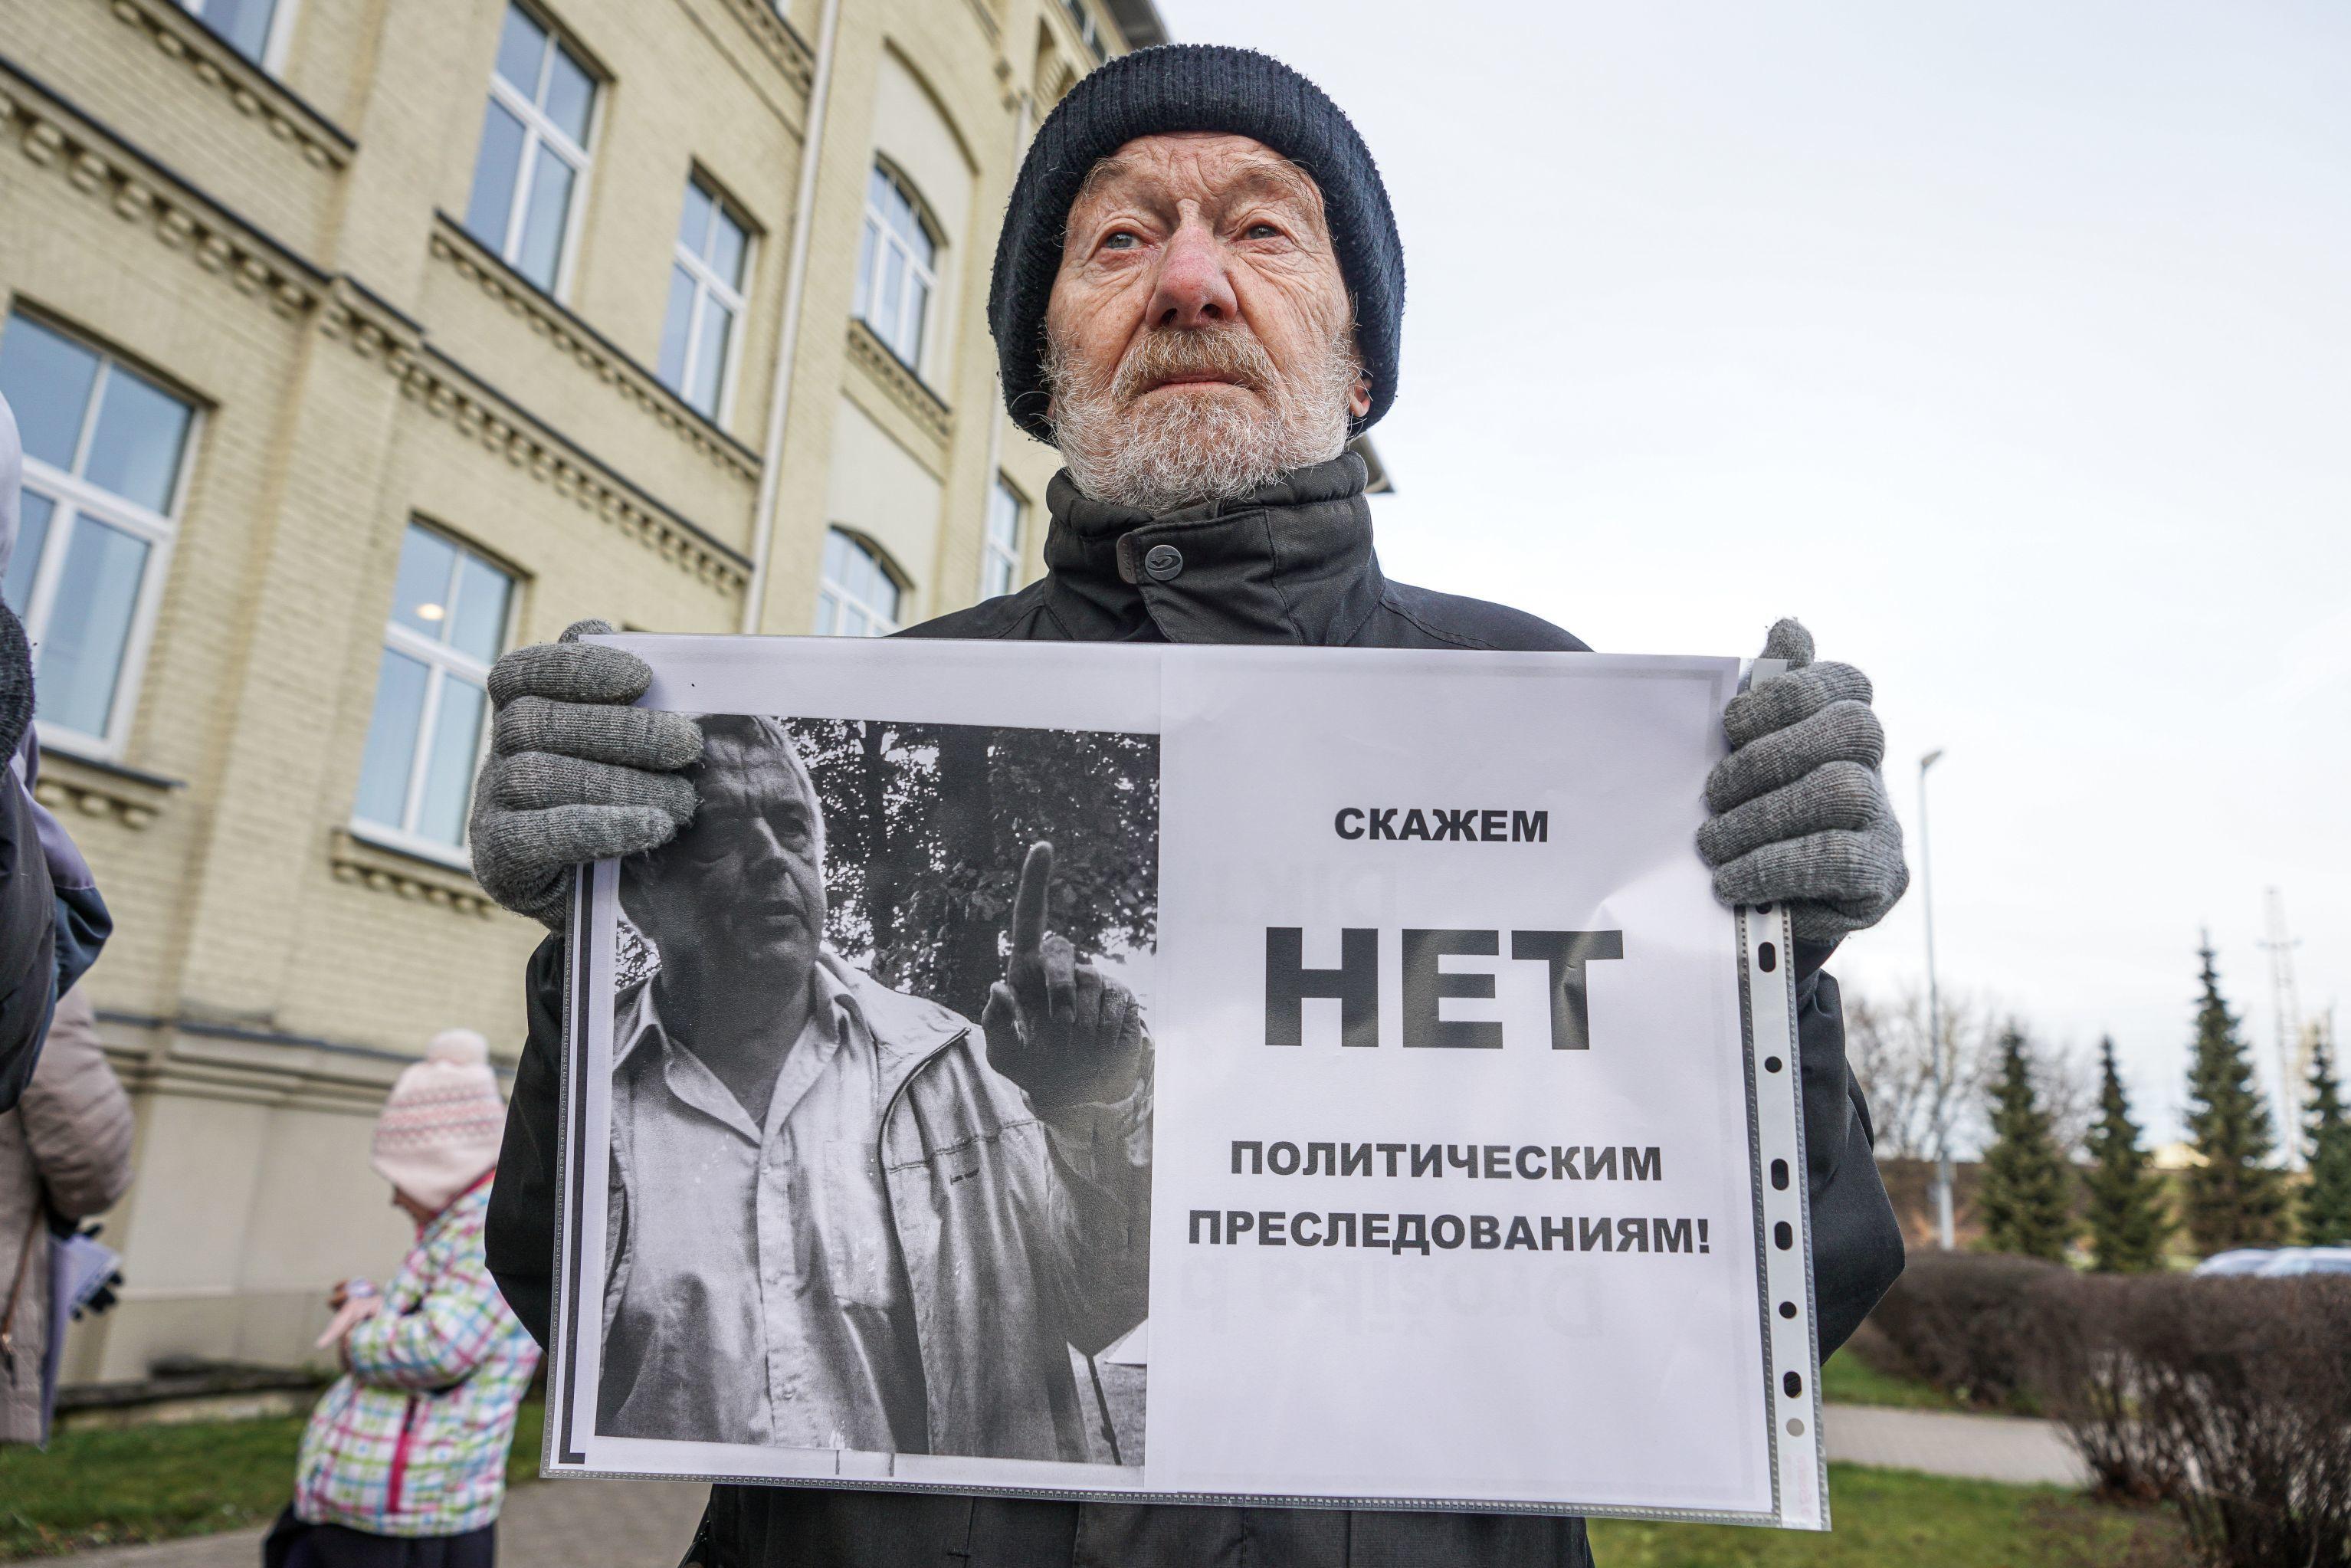 Пикет у заседания суда перед слушанием по делу латвийского правозащитника Александра Гапоненко, 11 декабря 2019